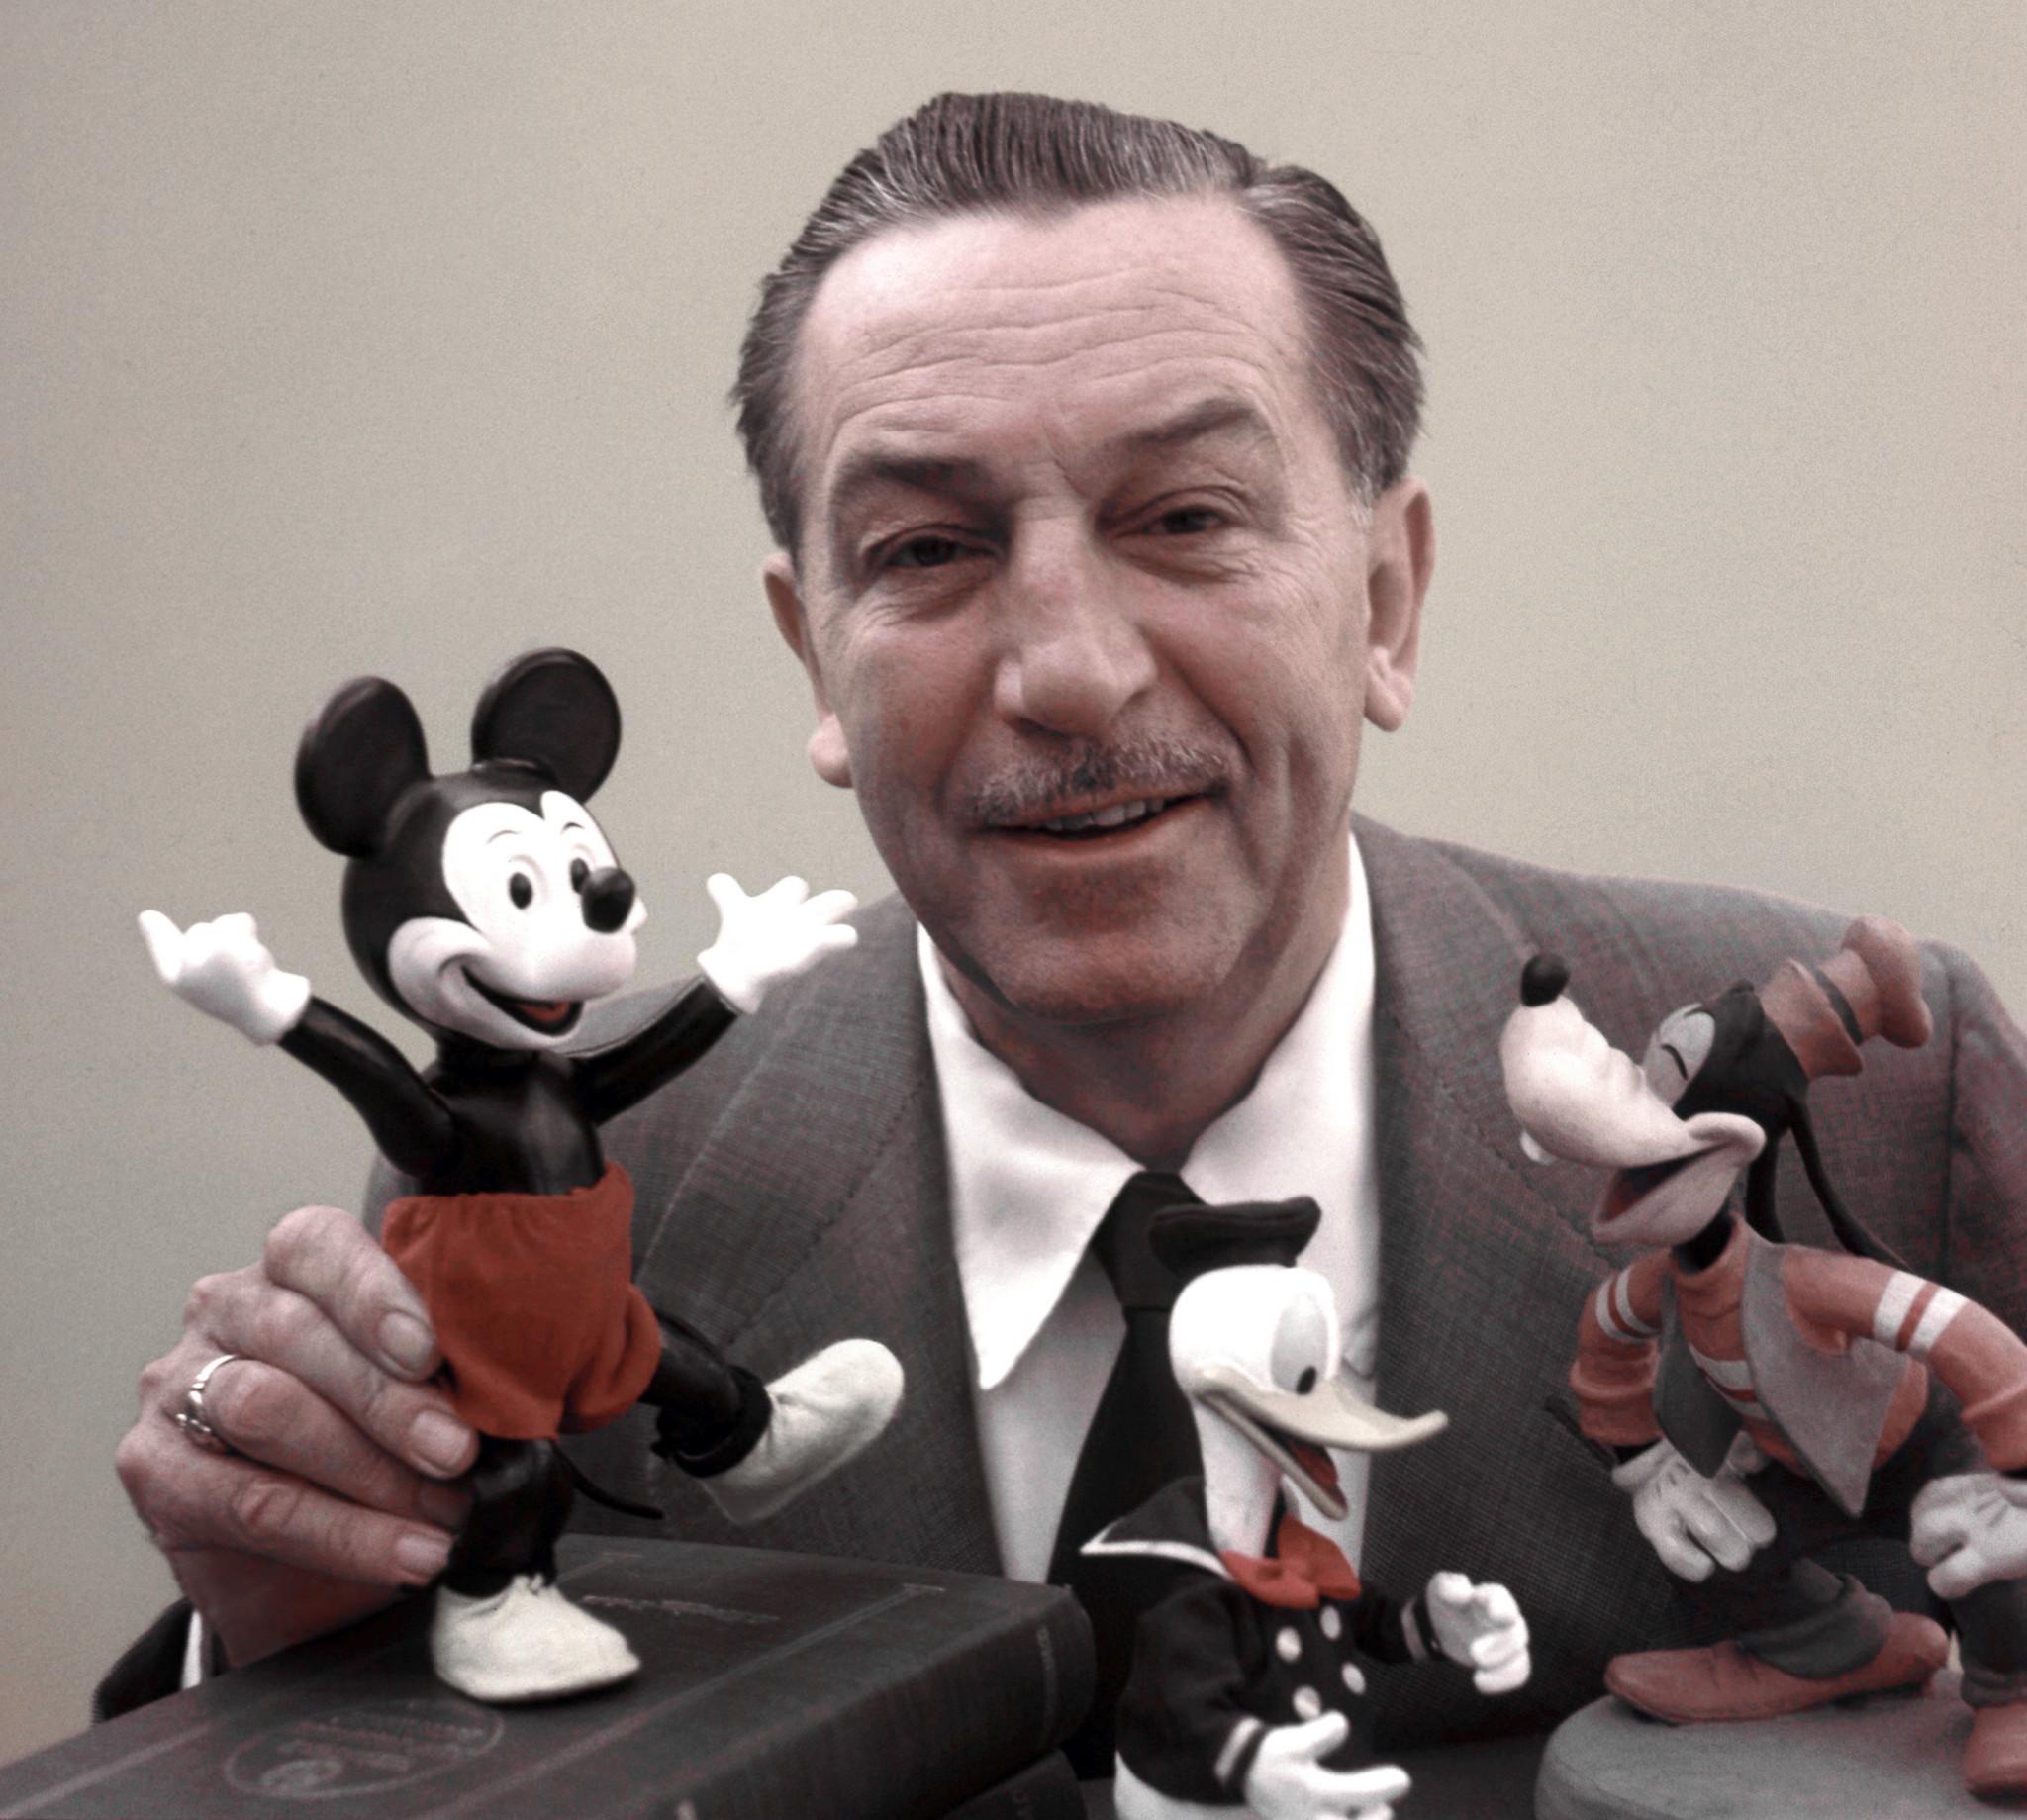 Empreendedores que inspiram: as lições de Walt Disney, o pai do Mickey Mouse!